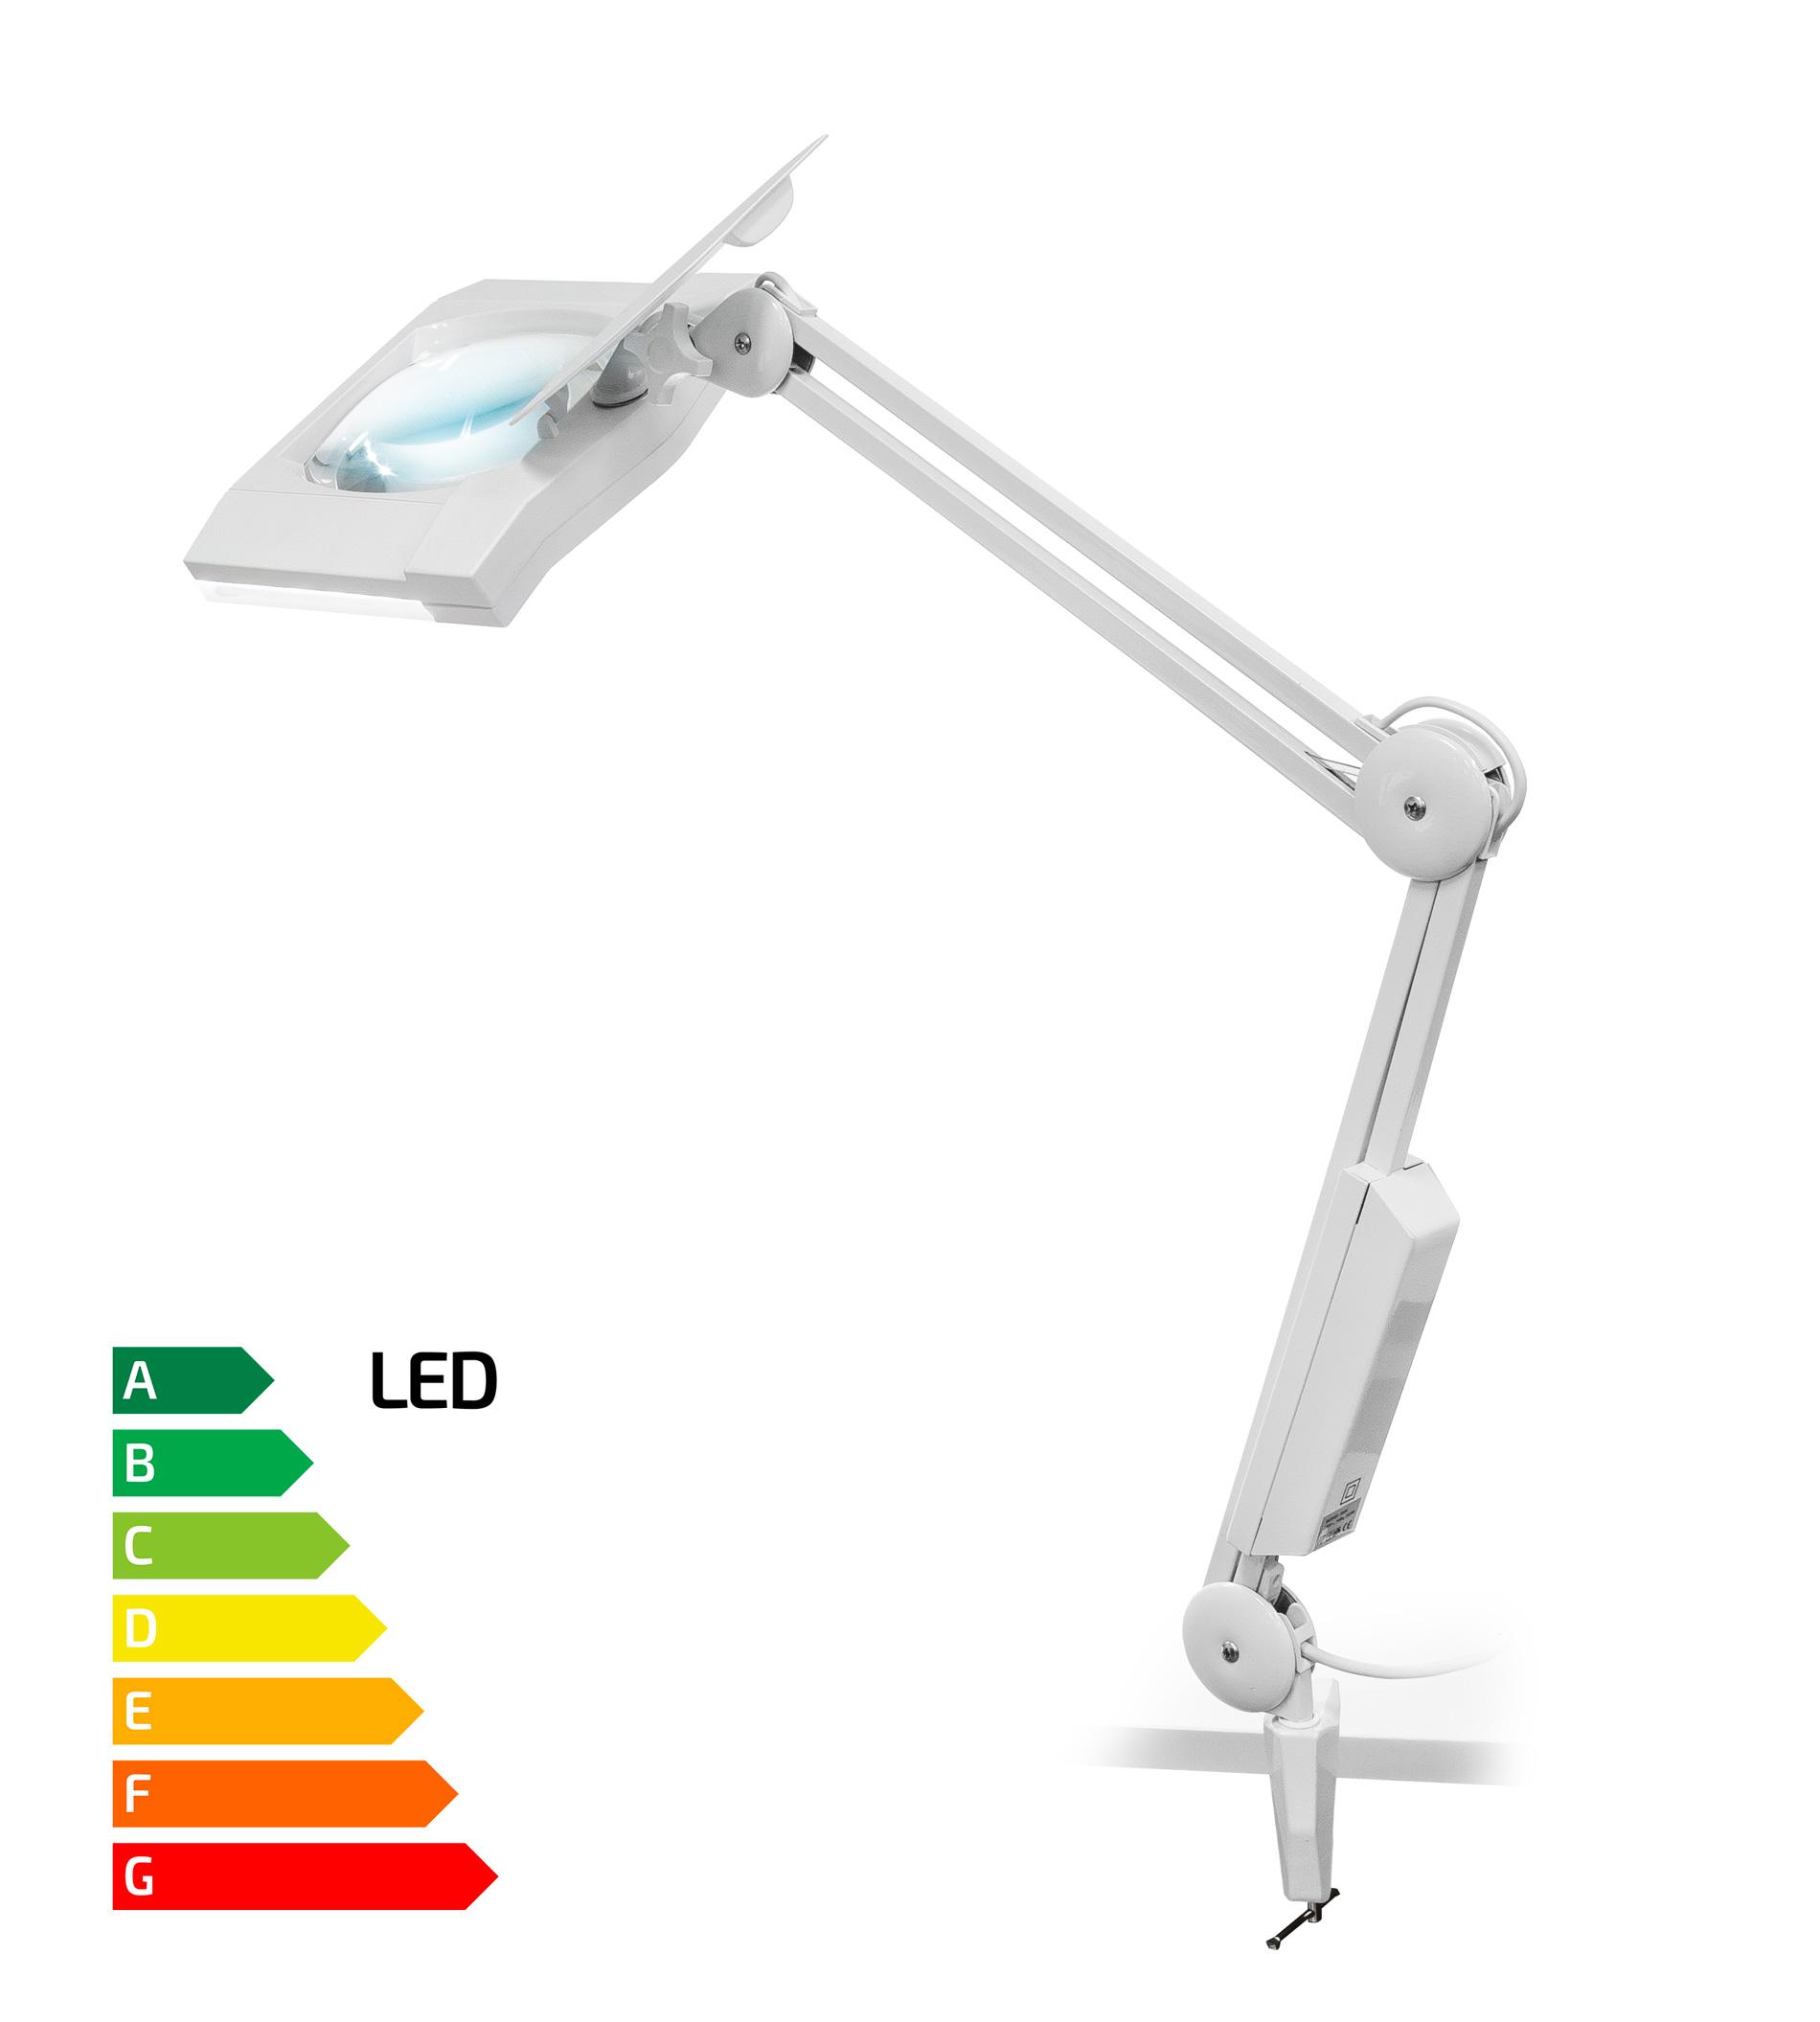 Stolní lupa s LED osvětlením typ Giga zvětšení 8D